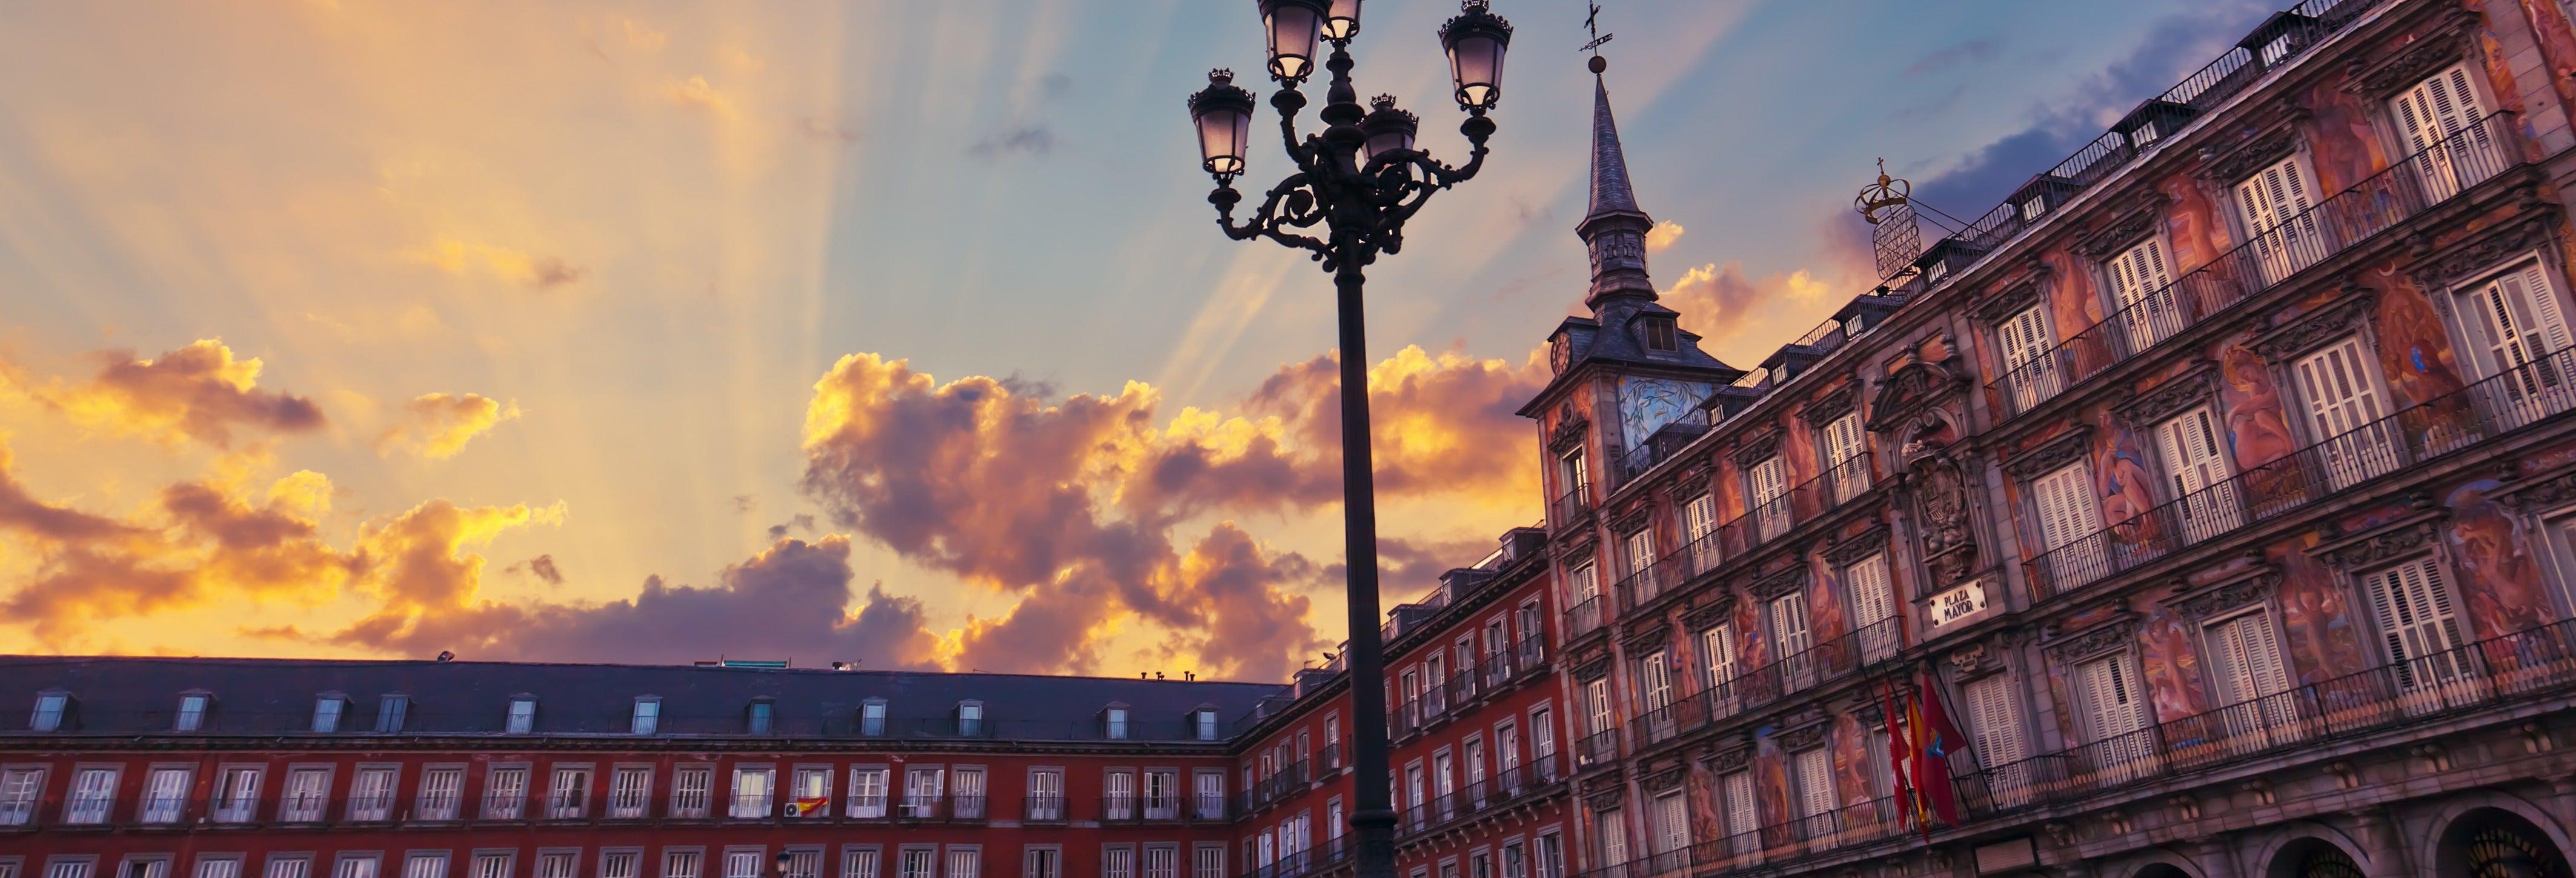 Visita guiada por el Madrid de leyenda